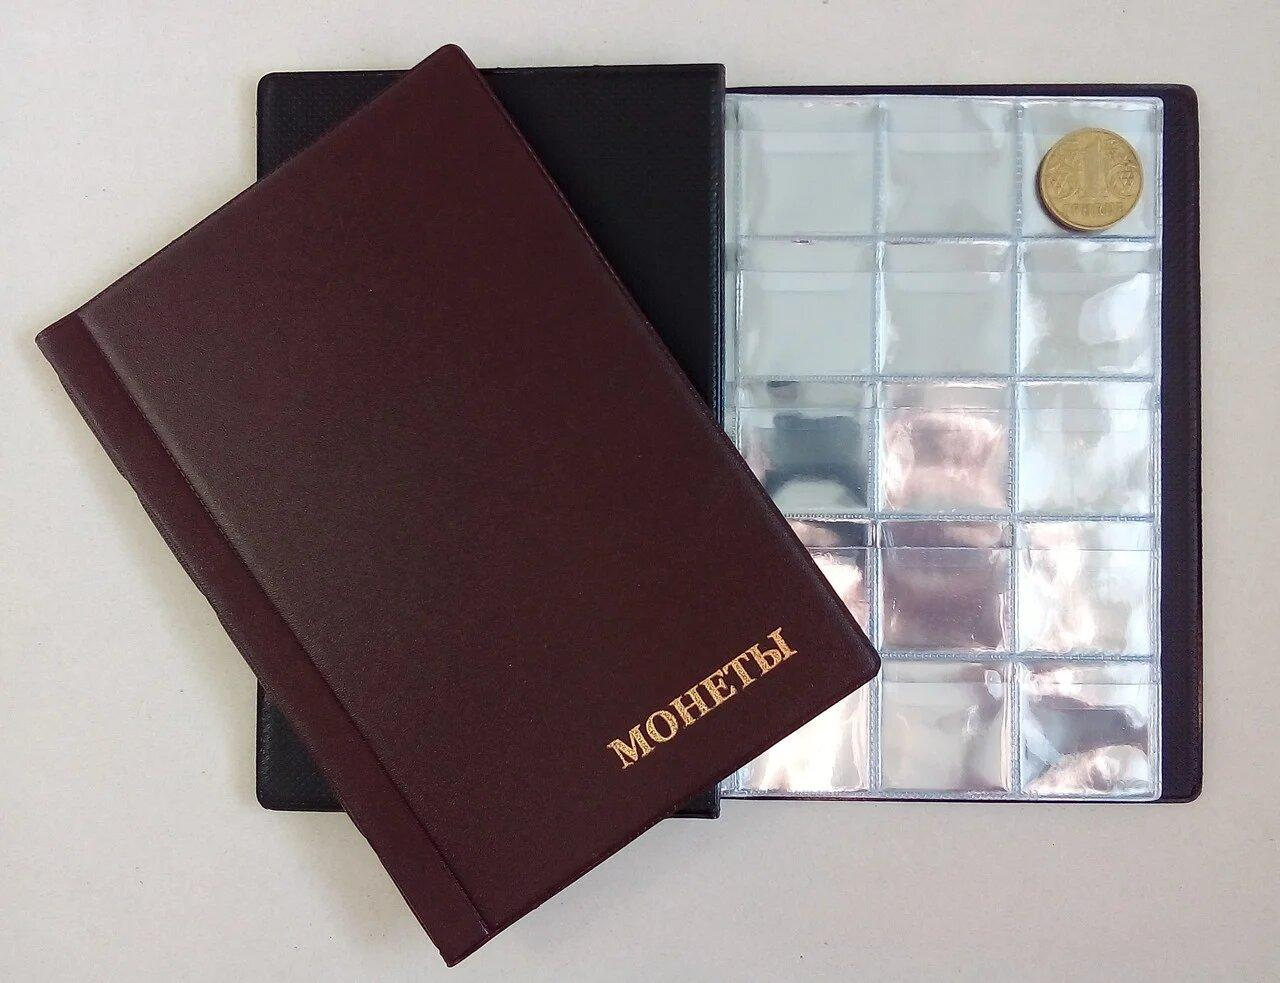 Альбом для монет (Польша), 240 ячеек, НОВИНКА